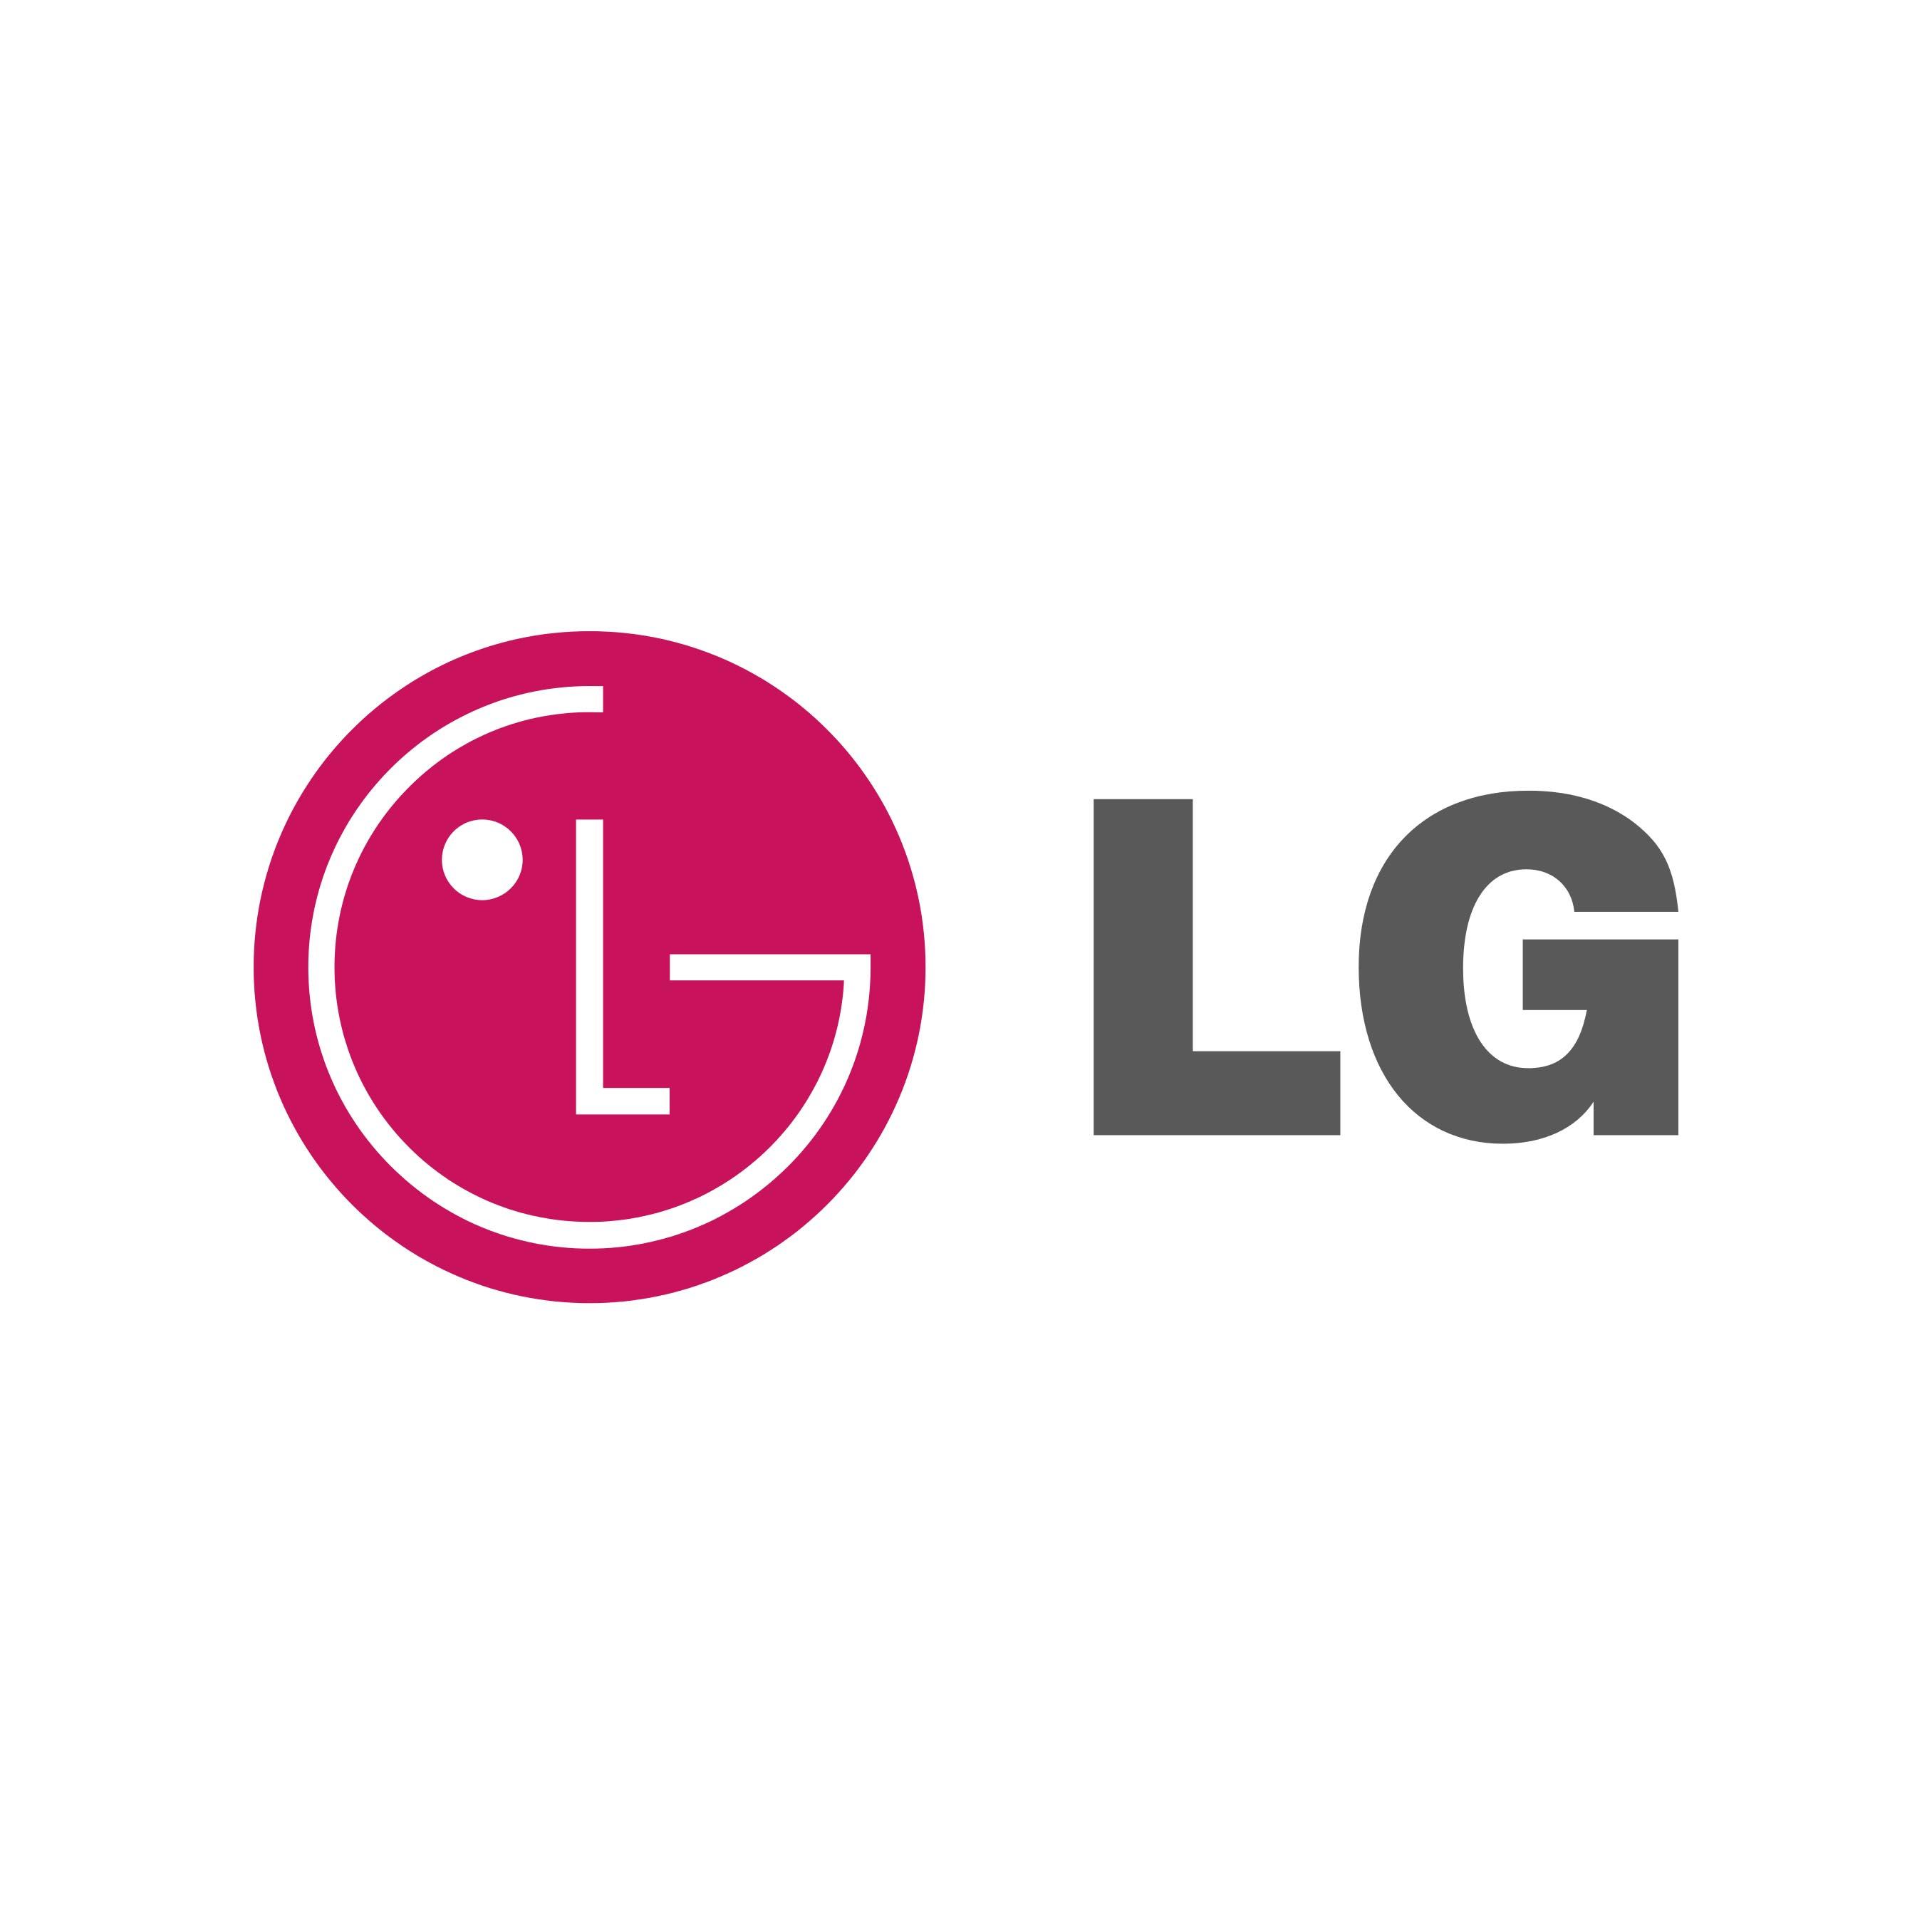 史低价!LG便携蓝牙音响到手价仅需49.9欧!随时随地都能享受音乐!